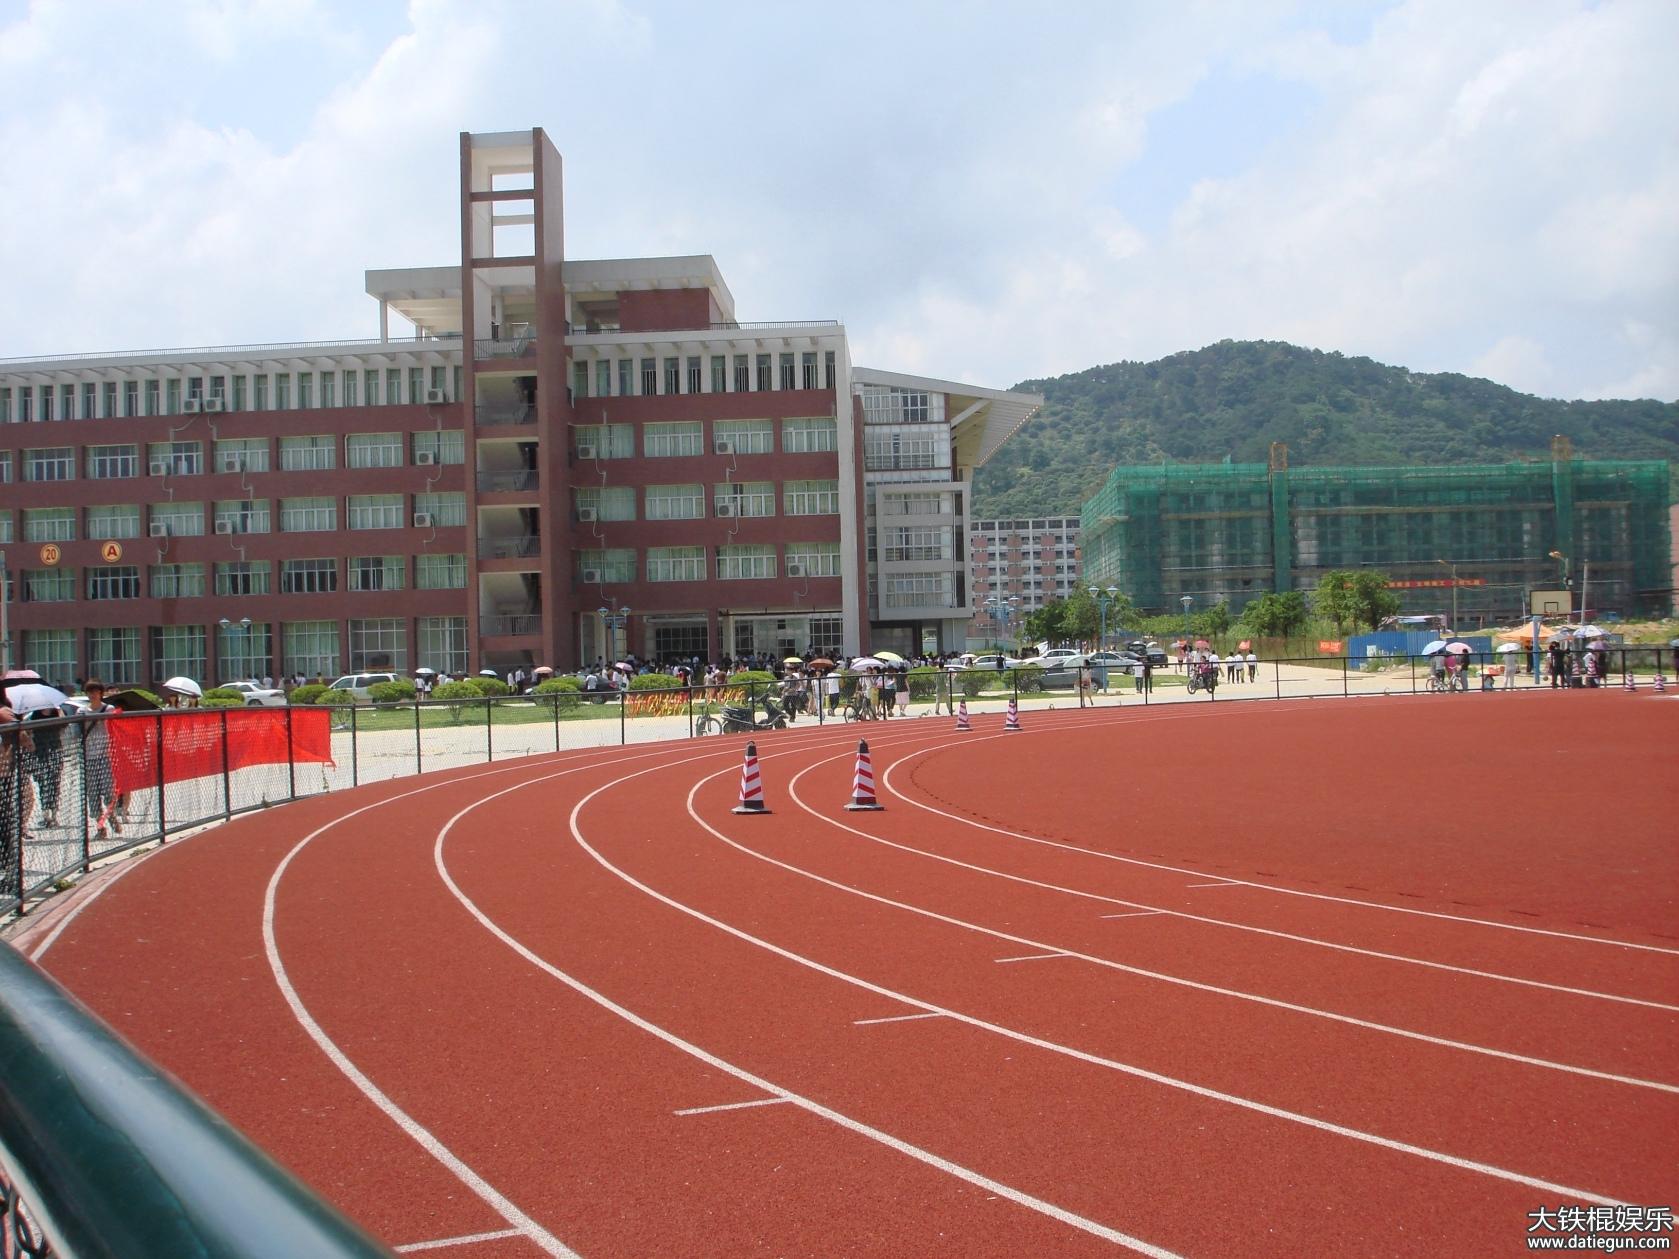 2017年华南农业大学珠江学院寒假放假时间表,广东高校寒假放假安排